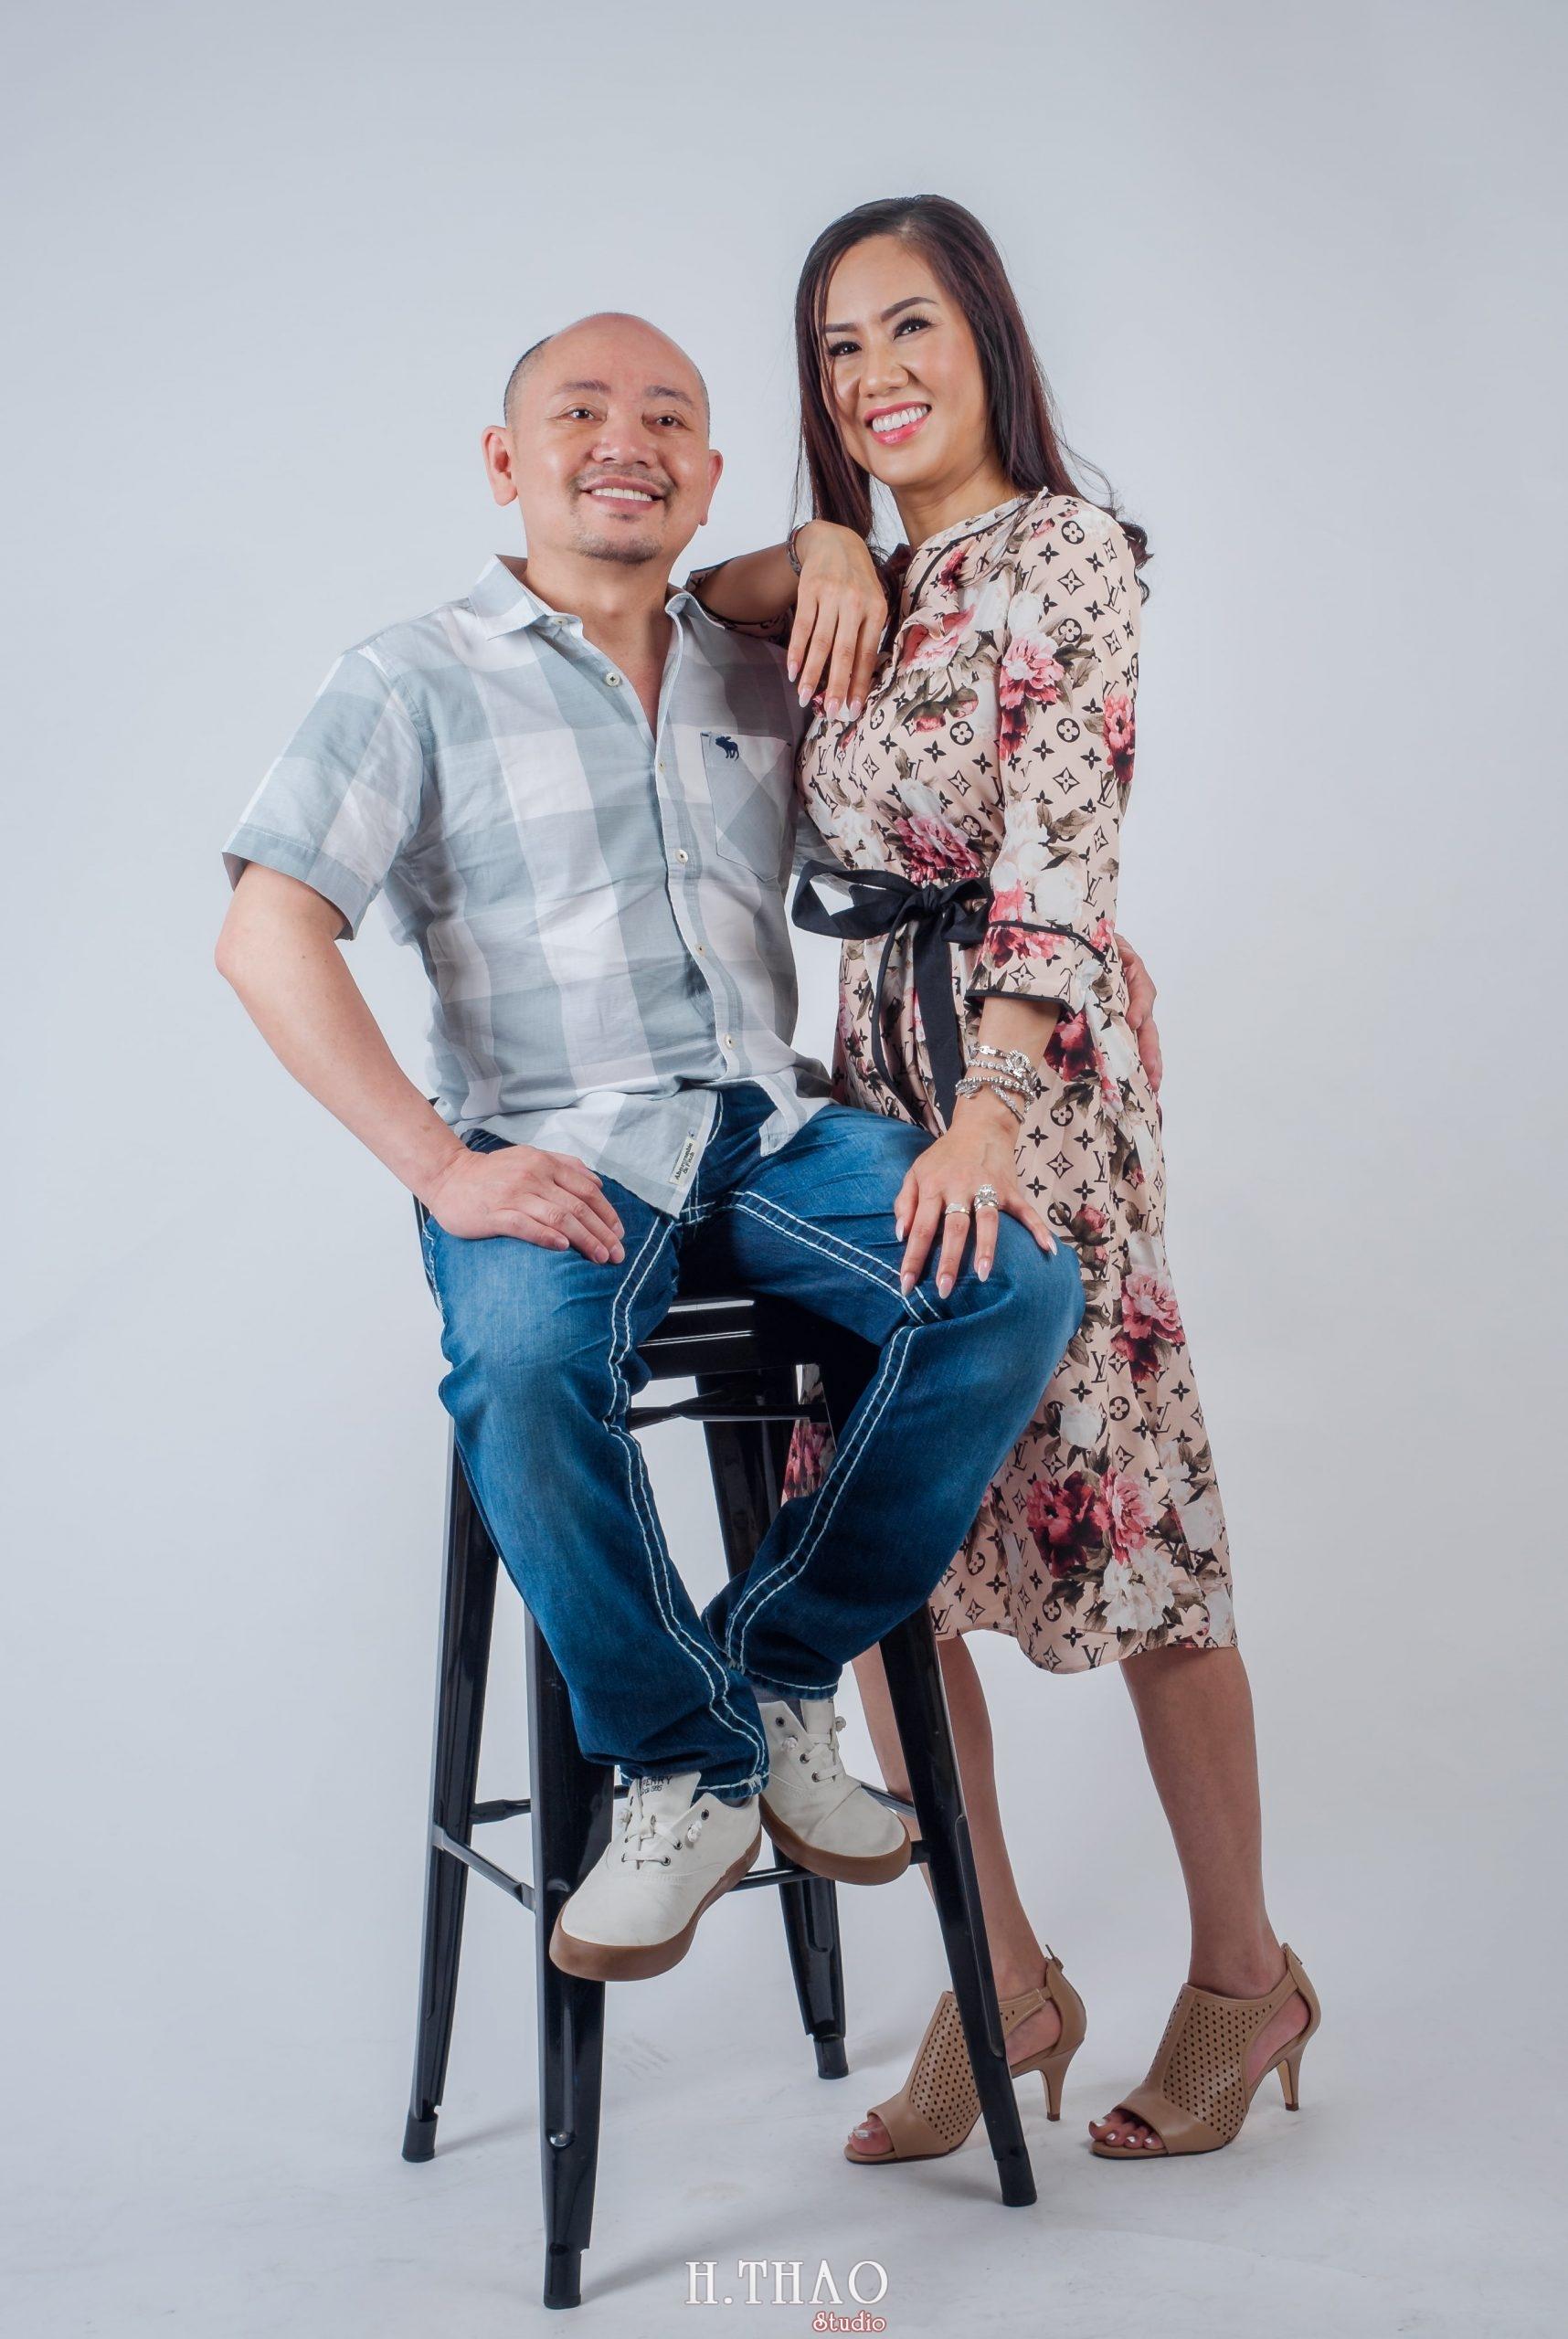 Jenny Nguyen 27 min scaled - Dịch vụ chụp ảnh kỷ niệm ngày cưới - HThao Studio